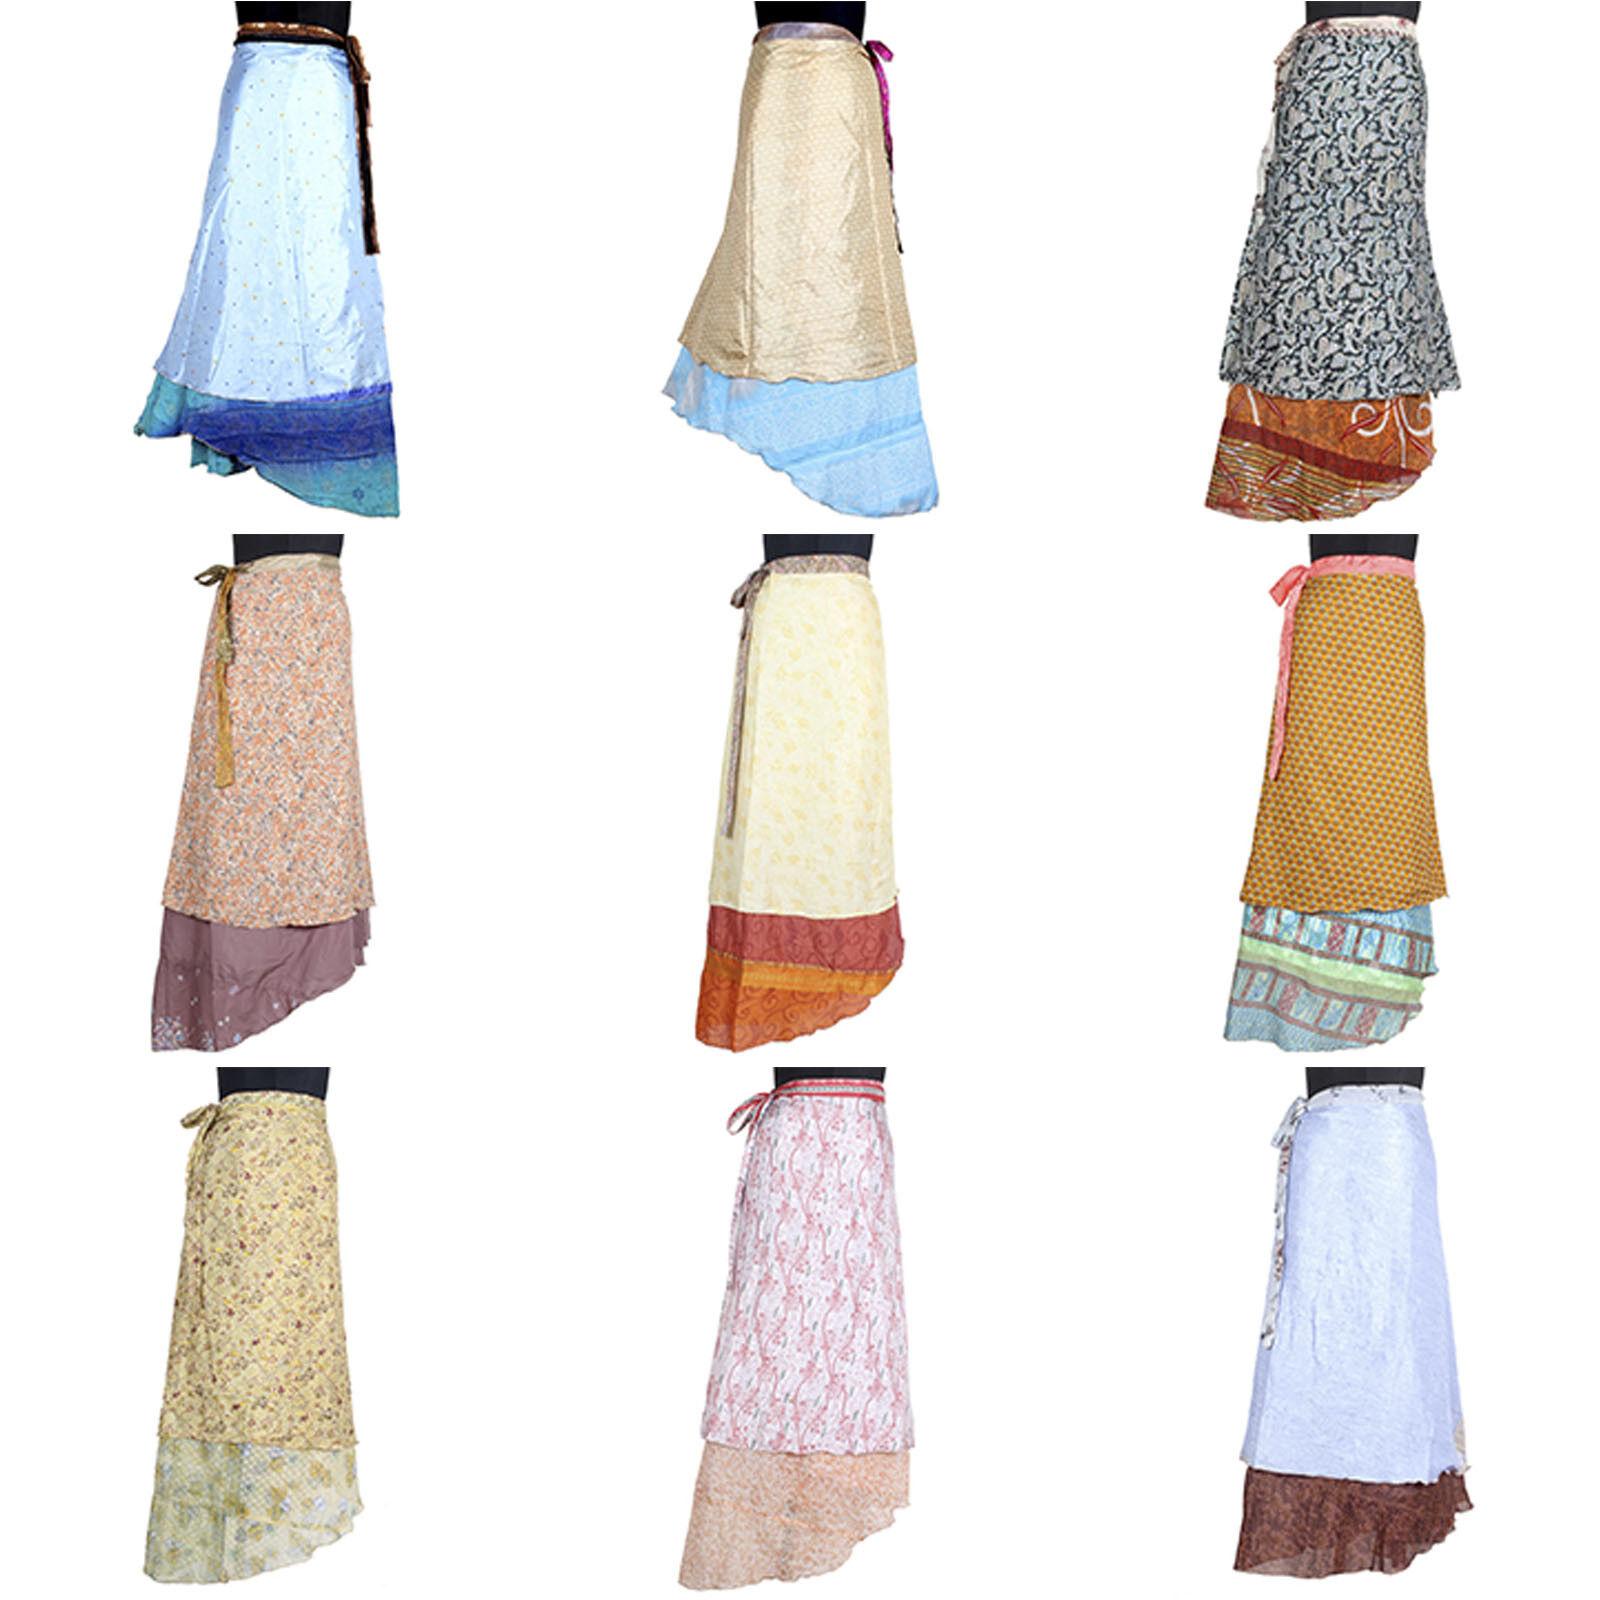 5 Pcs Mix Skirt Lot Beach Wear Vintage Silk Saree Magic 38  Long Length Wrap